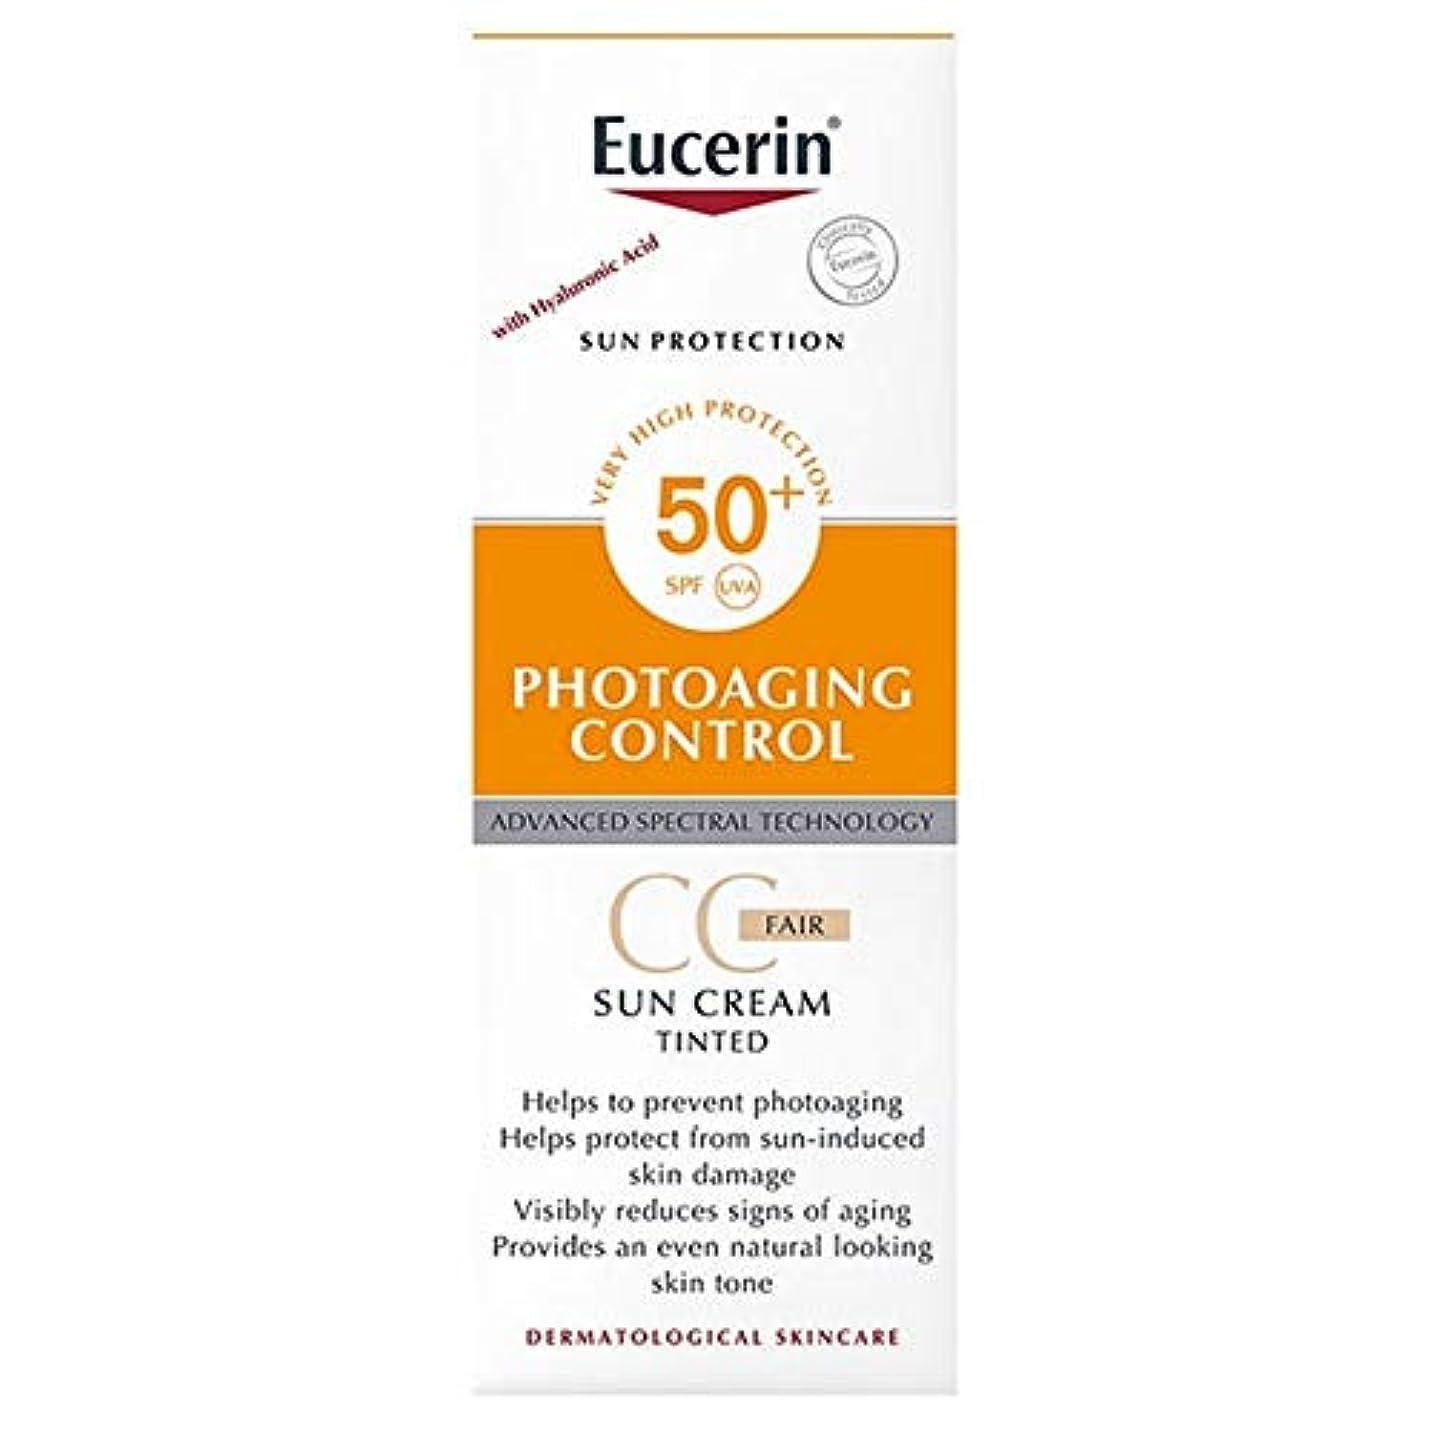 スリラーフランクワースリー今晩[Eucerin ] ユーセリンの光老化制御着色公正日クリームSpf50の50ミリリットル - Eucerin Photoaging Control Tinted Fair Sun Cream SPF50 50ml [並行輸入品]